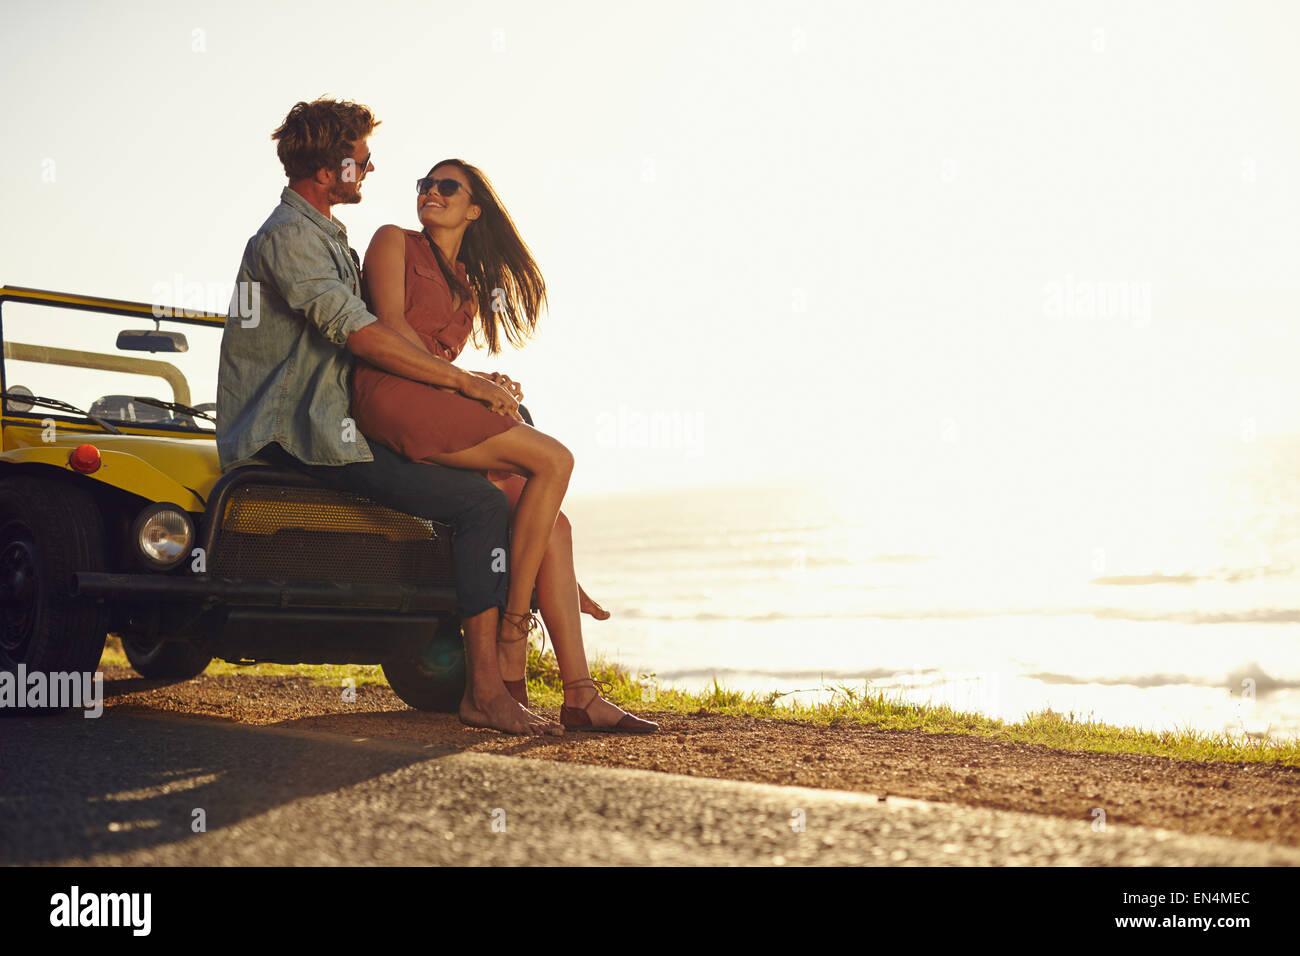 Pareja joven mirándose a los ojos. Romántica pareja joven sentado en el capó de su coche disfrutando Imagen De Stock